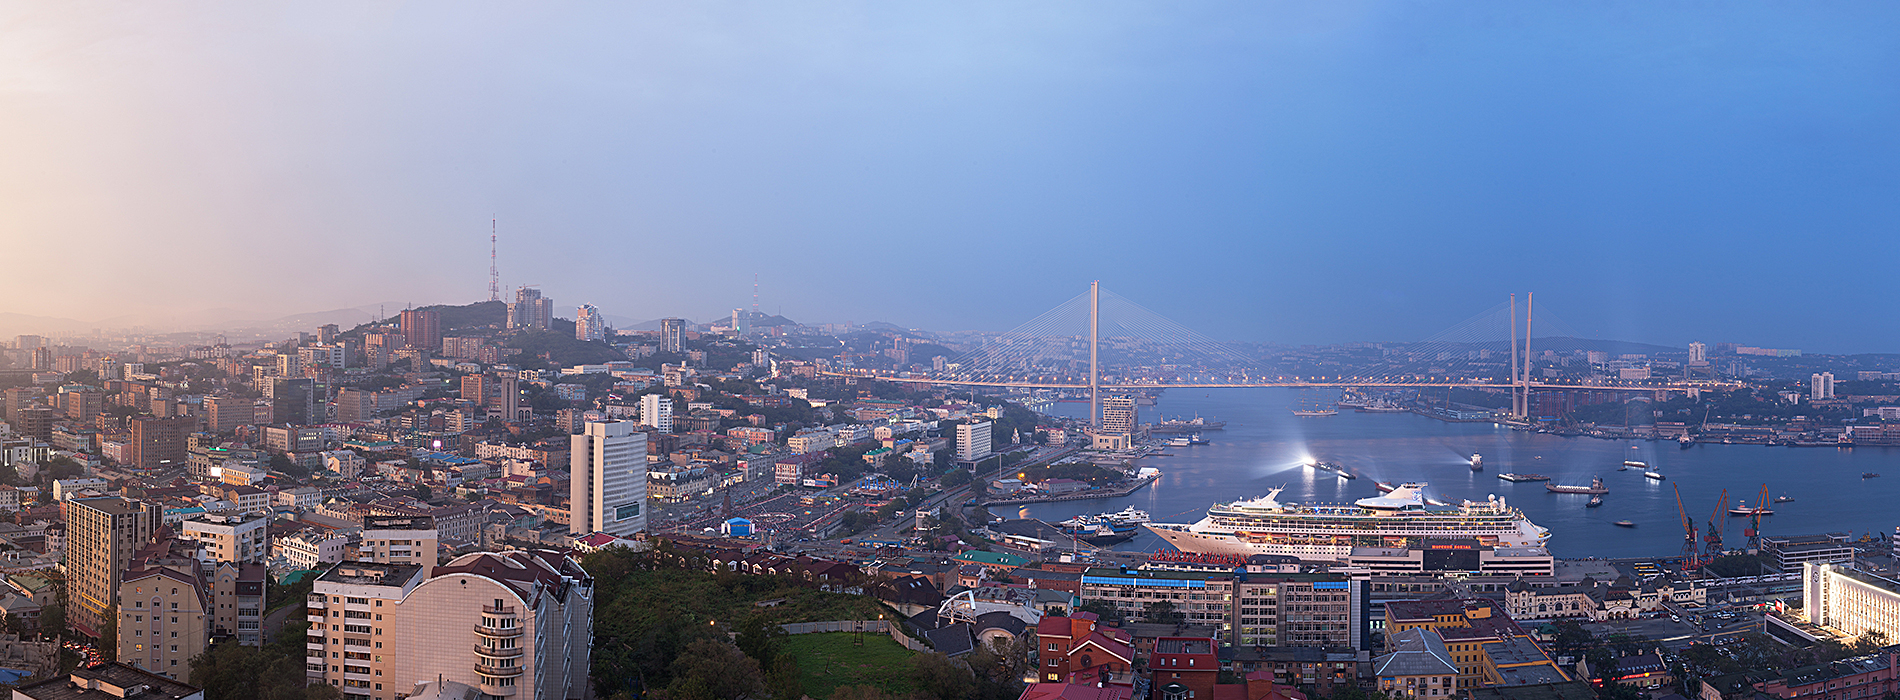 Авиабилеты Иркутск — Владивосток, купить билеты на самолет туда и обратно, цены и расписание рейсов